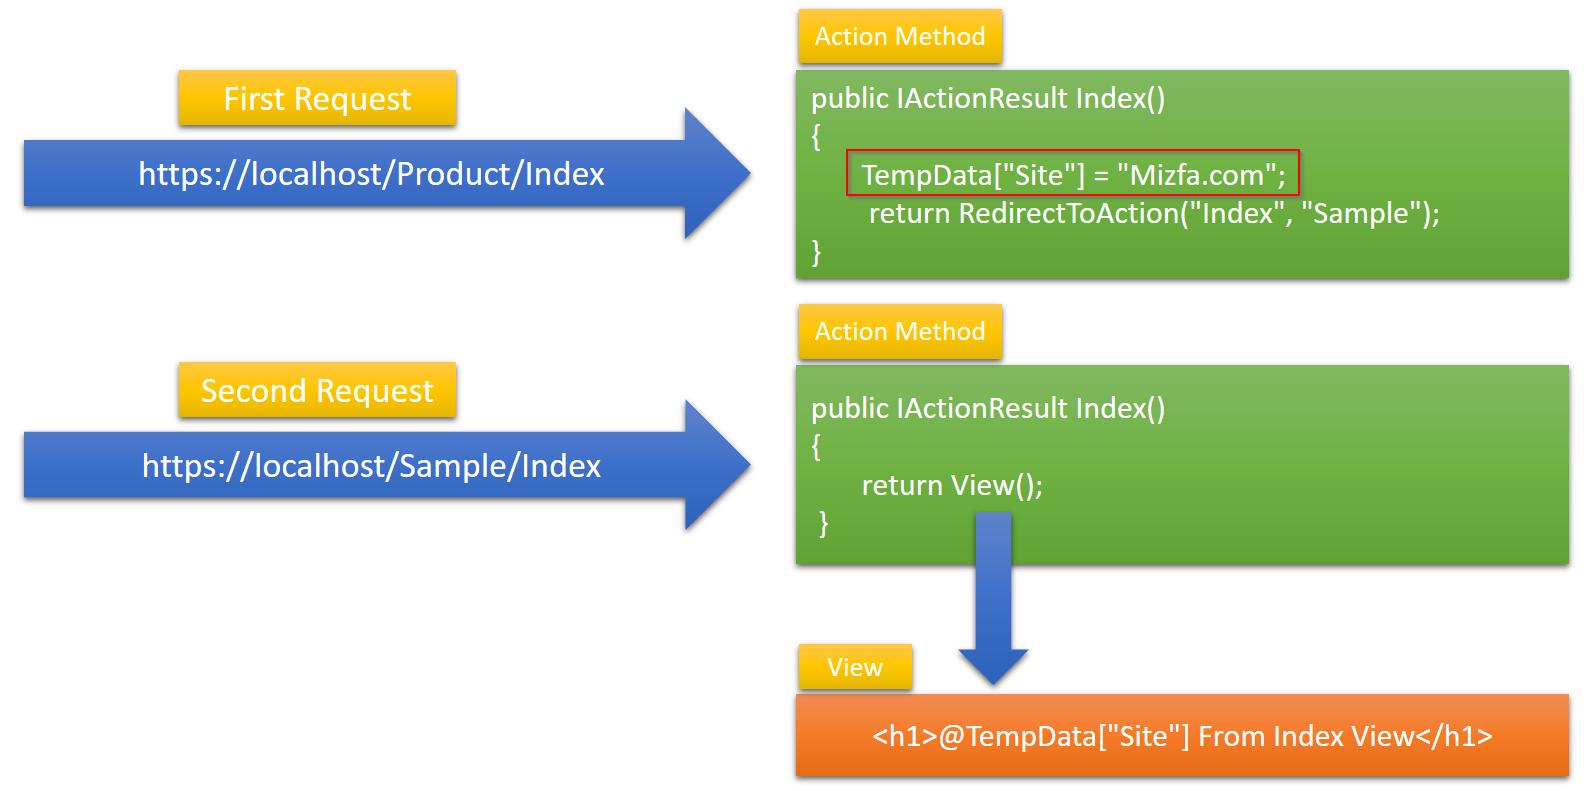 انتقال اطلاعات از یک کنترلر به کنترلر دیگر با TempData